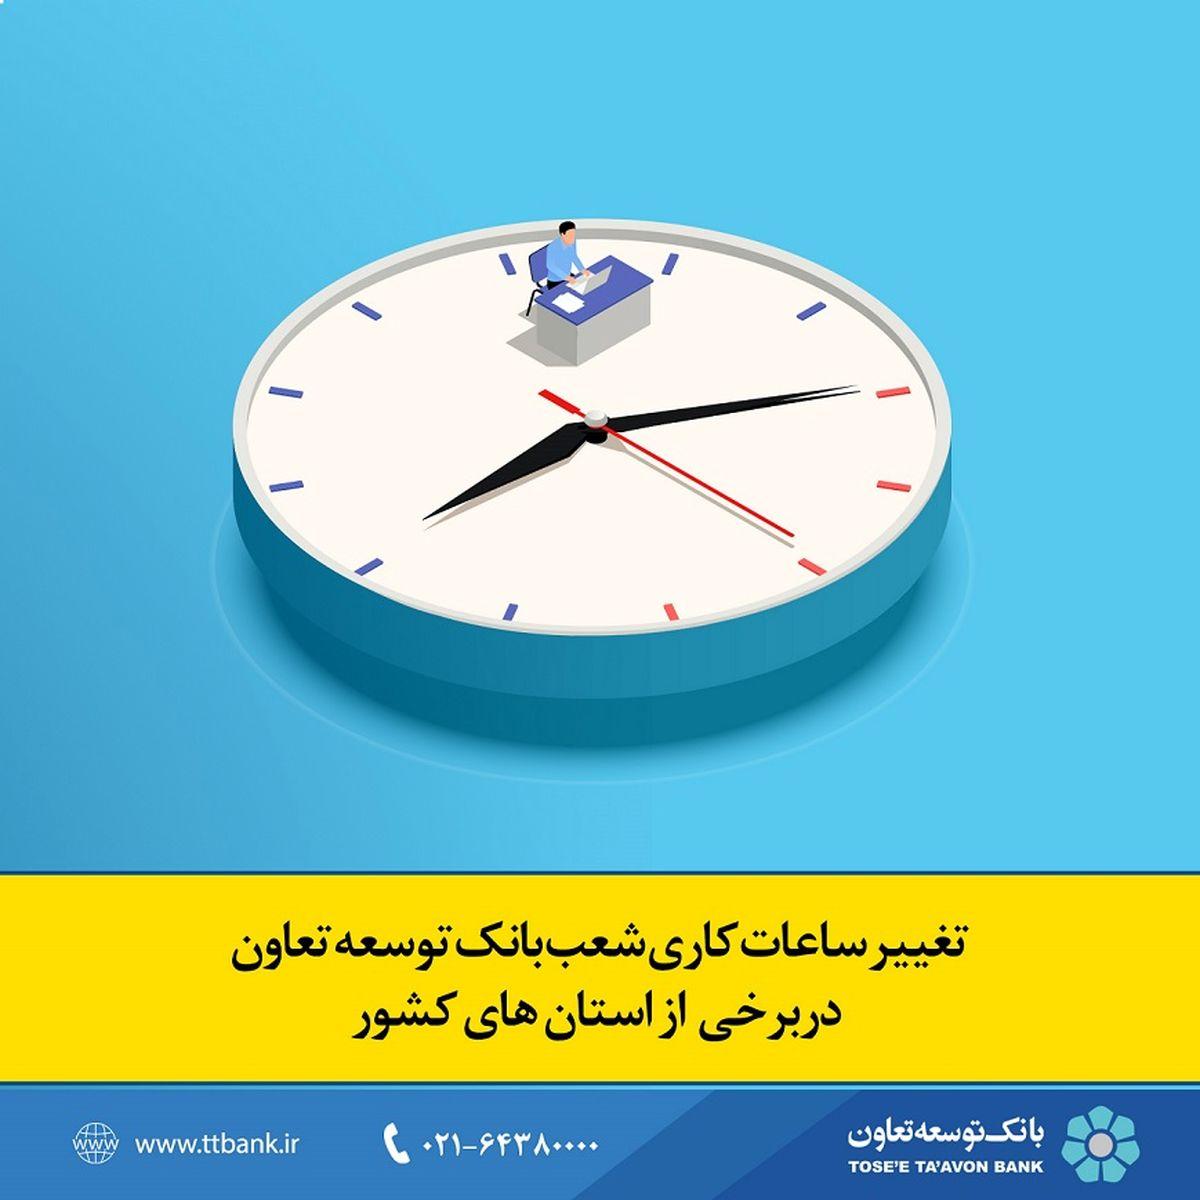 تغییر ساعات کاری شعب بانک توسعه تعاون در برخی از استانهای کشور